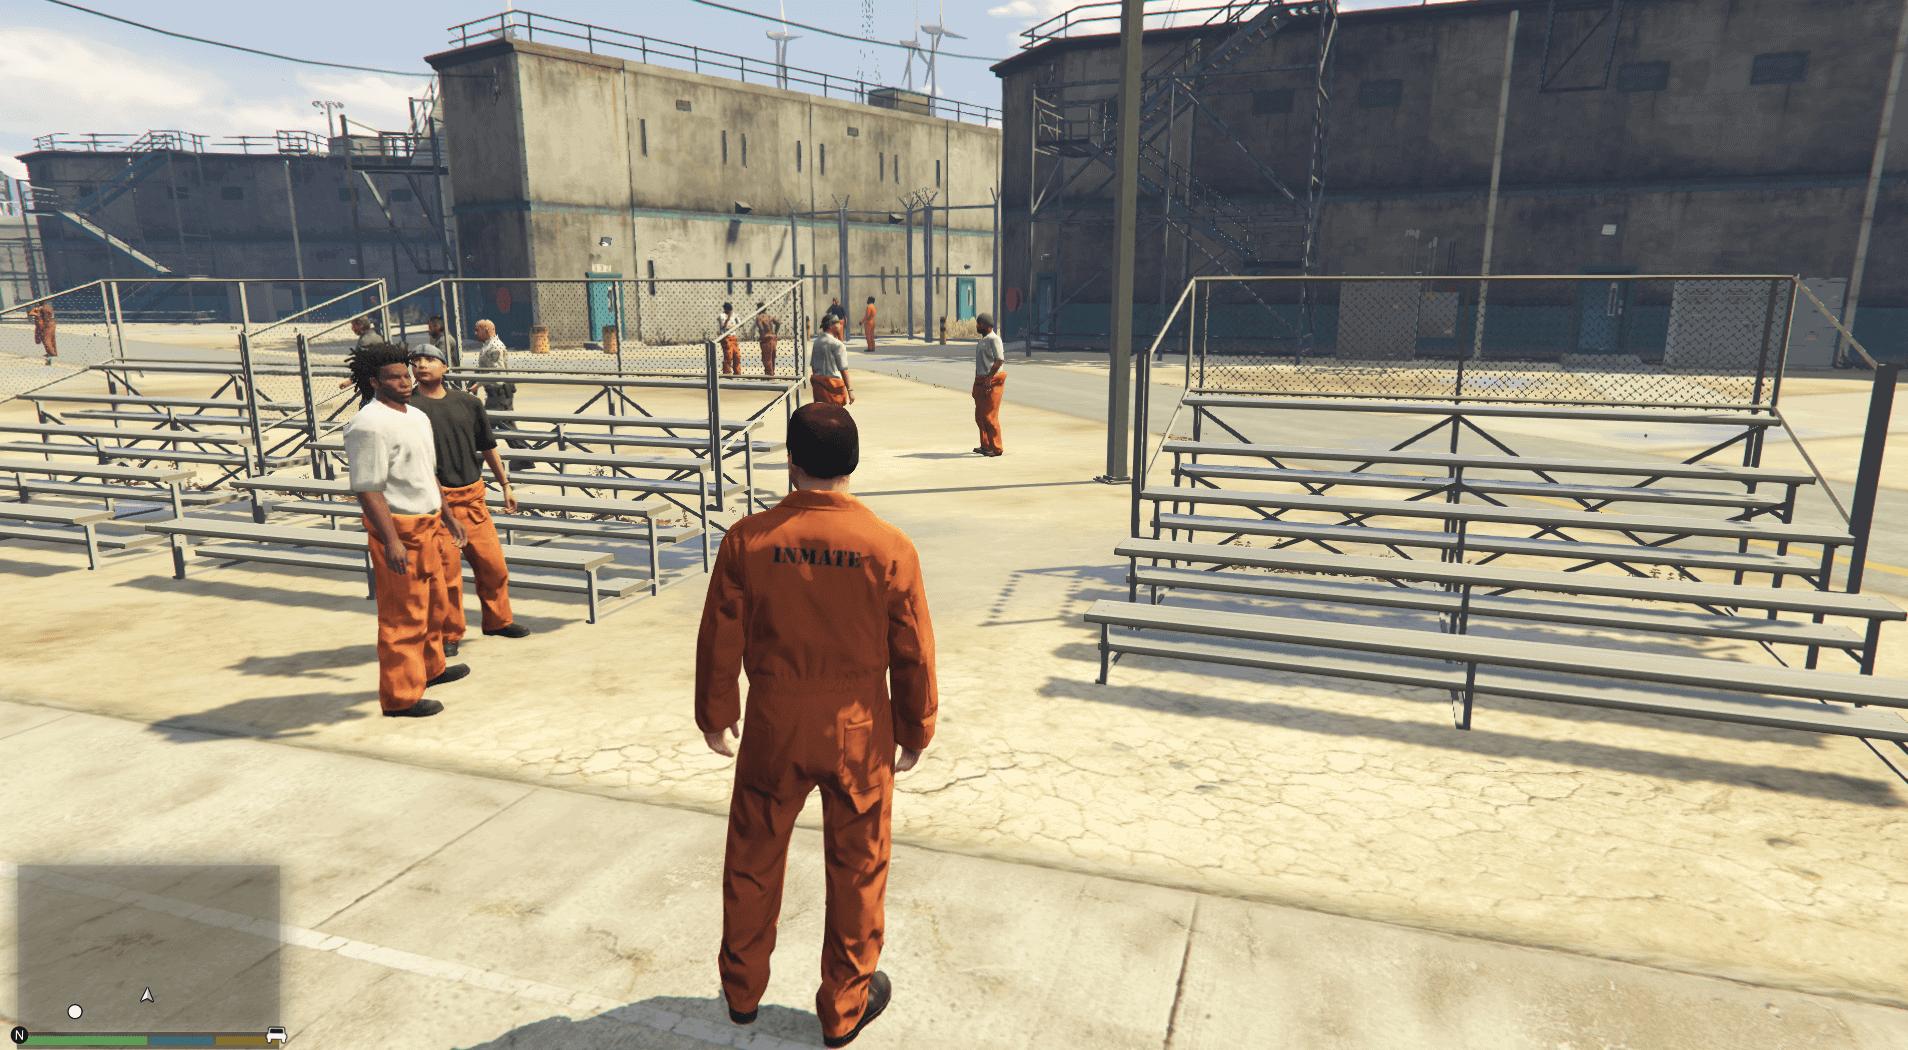 Best GTA 5 Mods - Prison